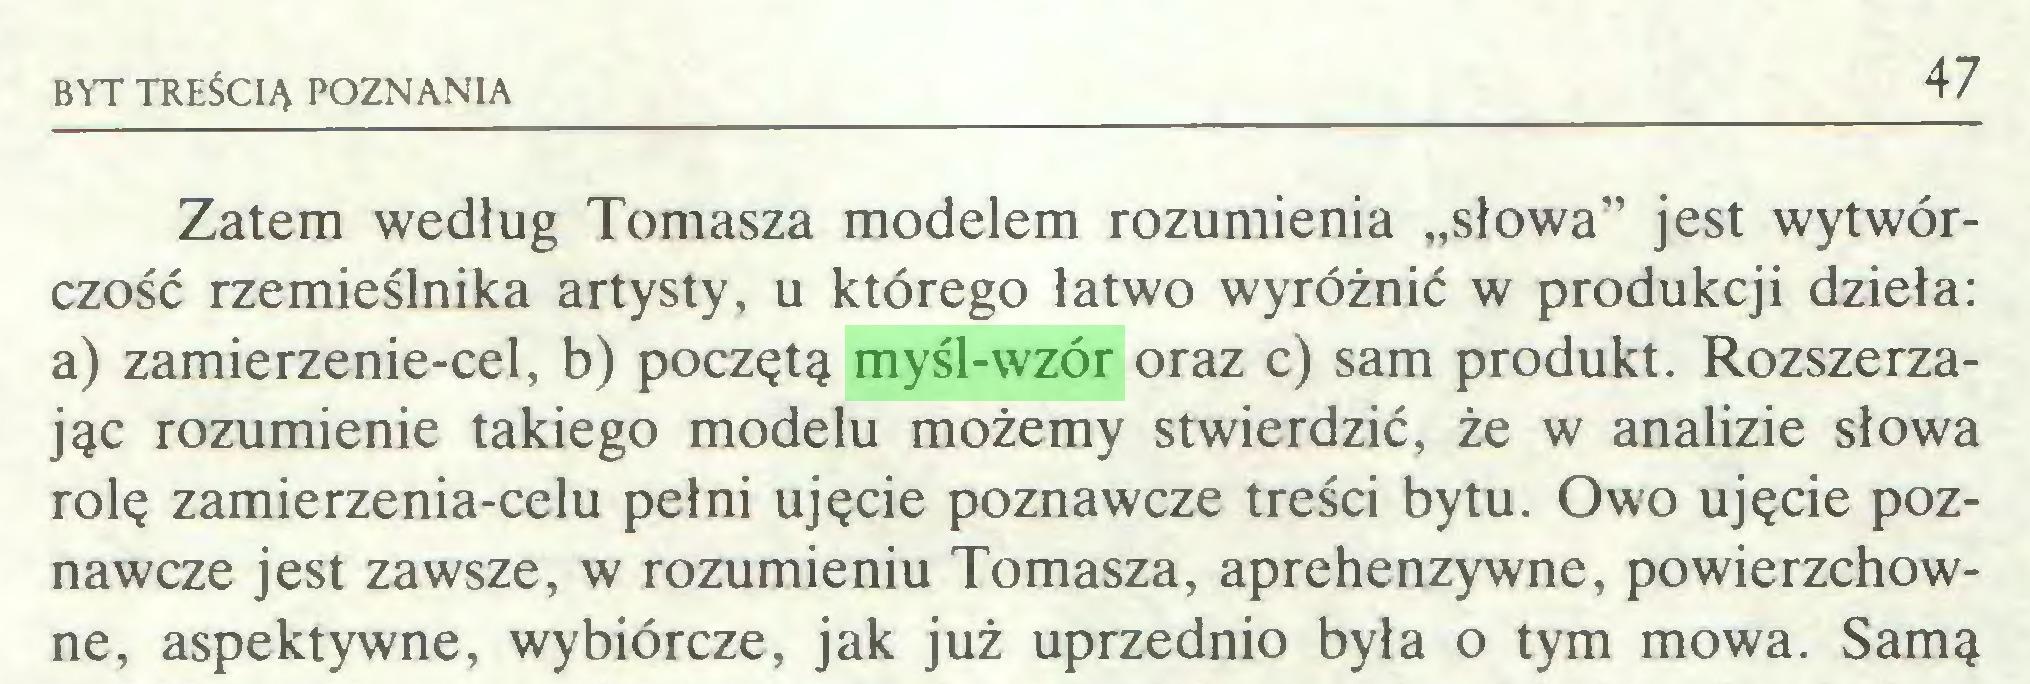 """(...) BYT TREŚCIĄ POZNANIA 47 Zatem według Tomasza modelem rozumienia """"słowa"""" jest wytwórczość rzemieślnika artysty, u którego łatwo wyróżnić w produkcji dzieła: a) zamierzenie-cel, b) poczętą myśl-wzór oraz c) sam produkt. Rozszerzając rozumienie takiego modelu możemy stwierdzić, że w analizie słowa rolę zamierzenia-celu pełni ujęcie poznawcze treści bytu. Owo ujęcie poznawcze jest zawsze, w rozumieniu Tomasza, aprehenzywne, powierzchowne, aspektywne, wybiórcze, jak już uprzednio była o tym mowa. Samą..."""